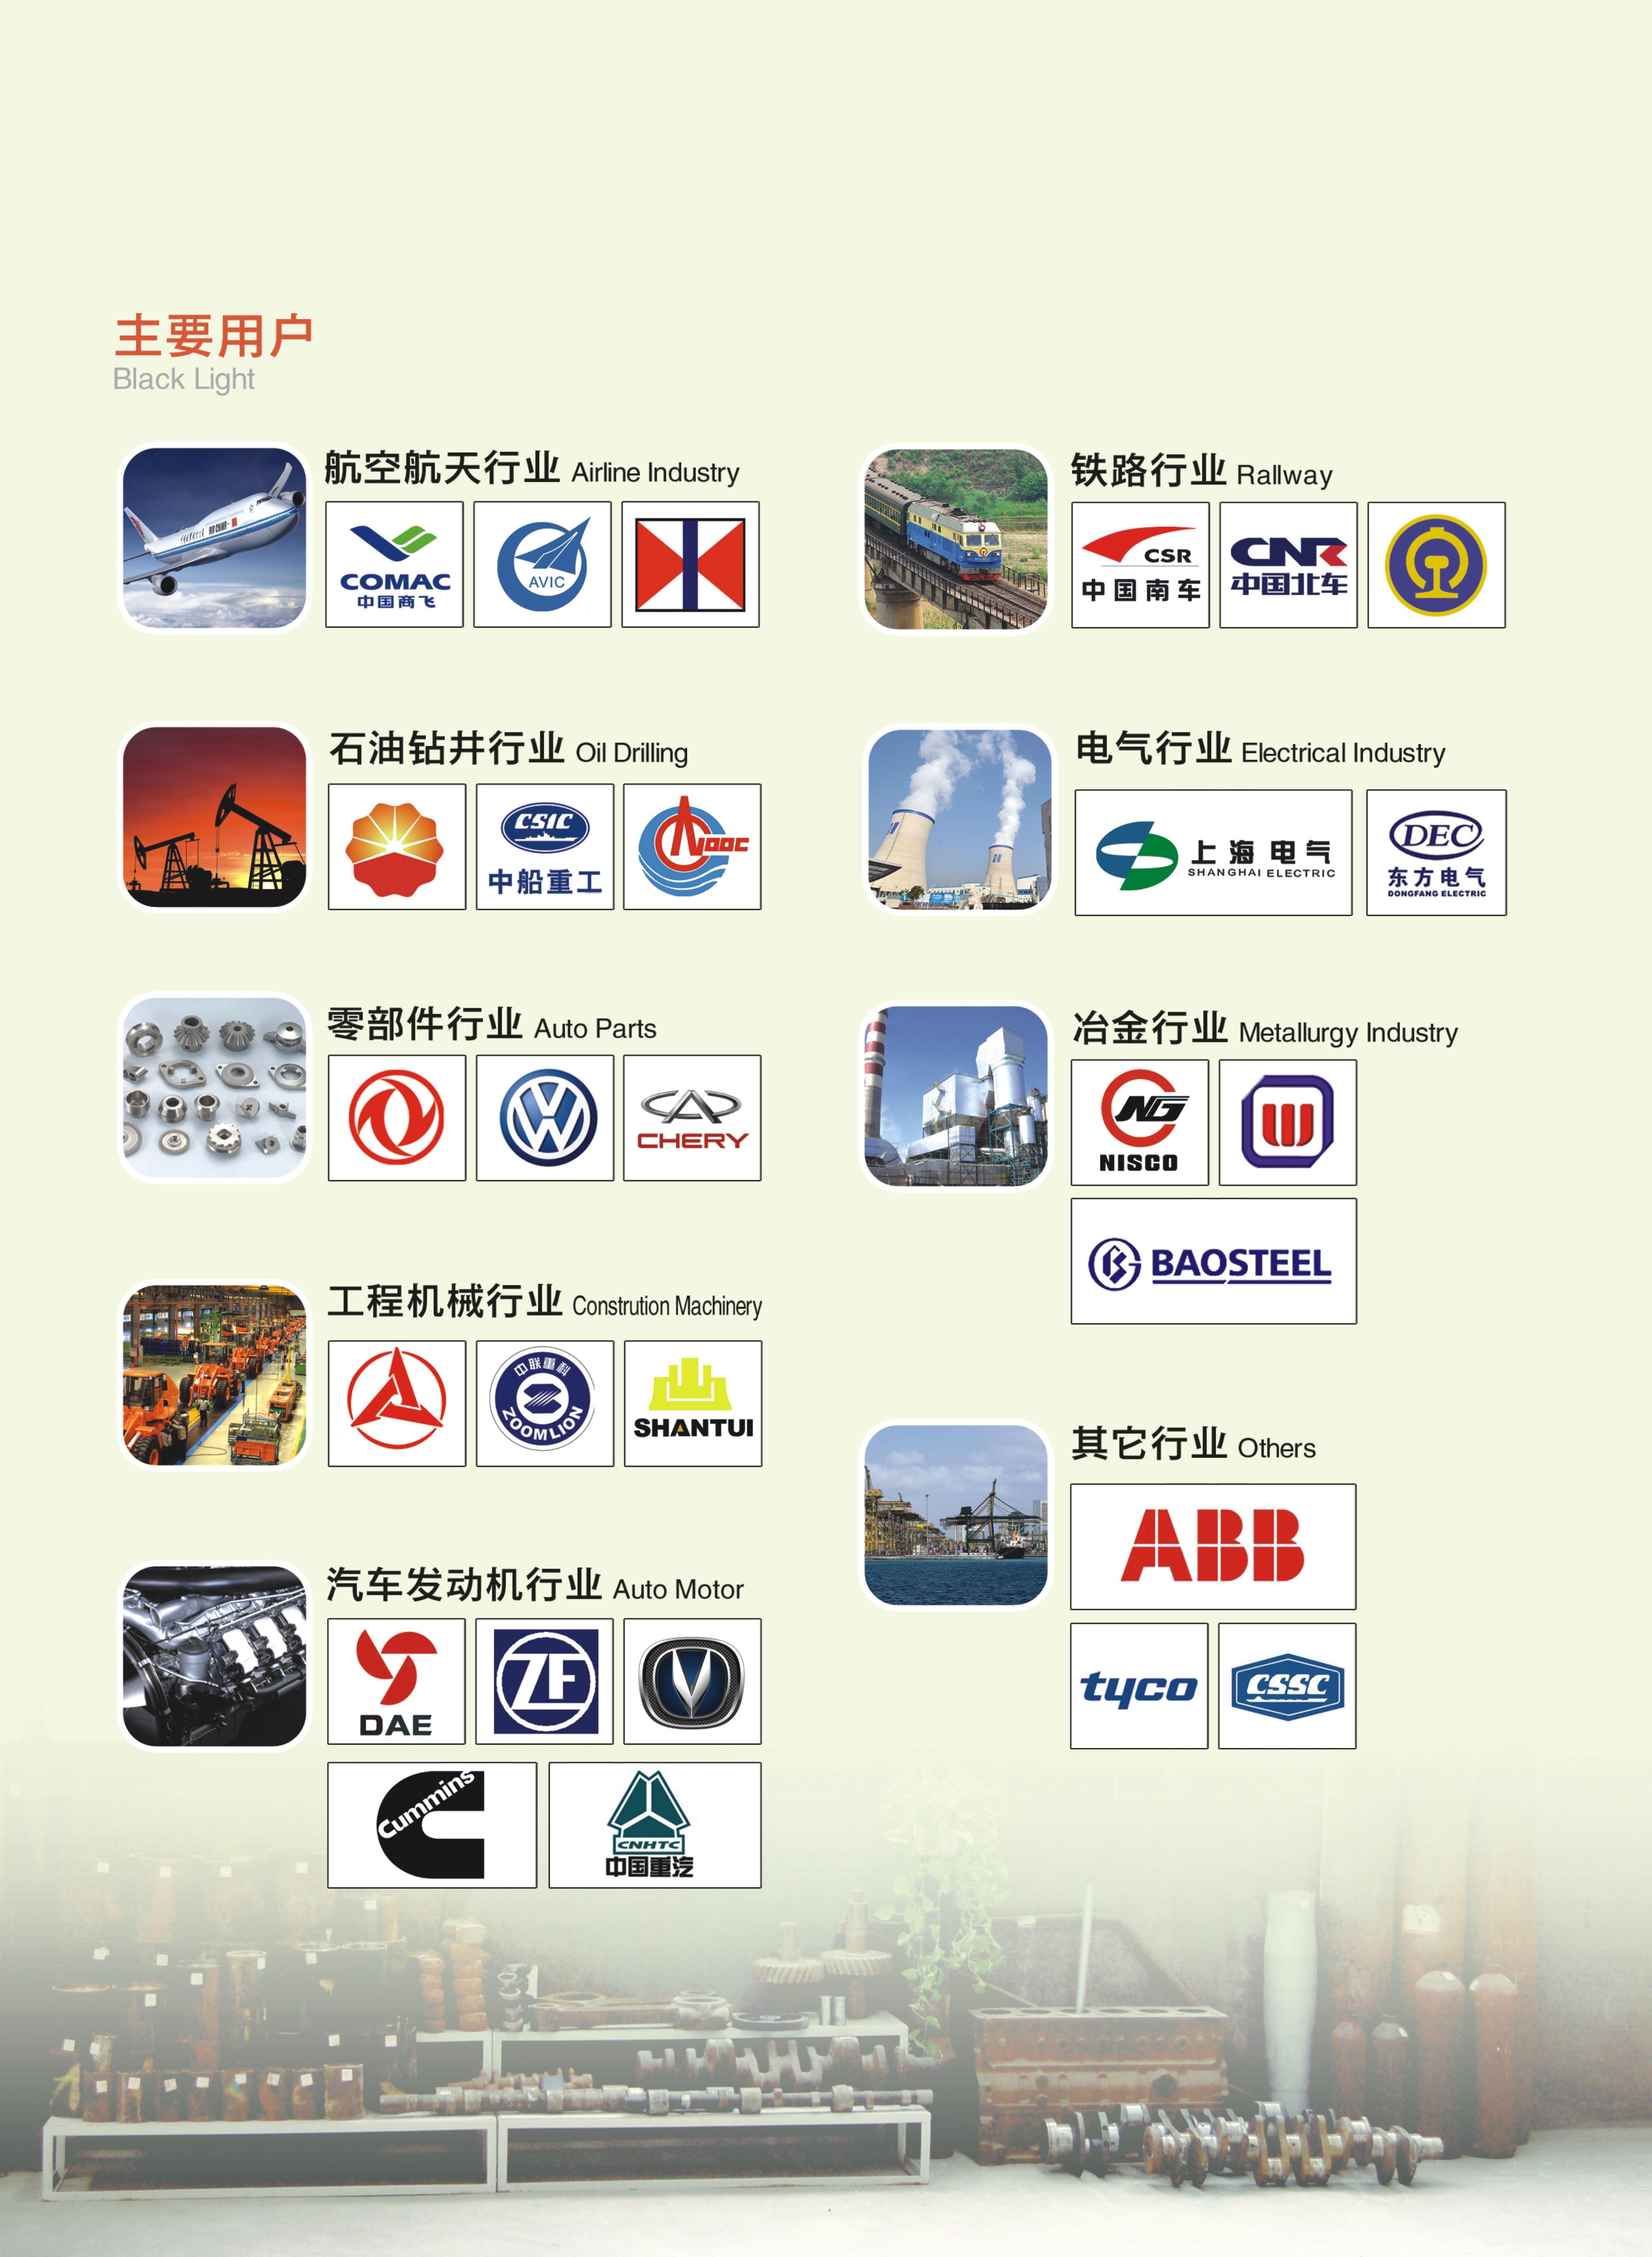 上海宇光无损检测设备制造有限公司